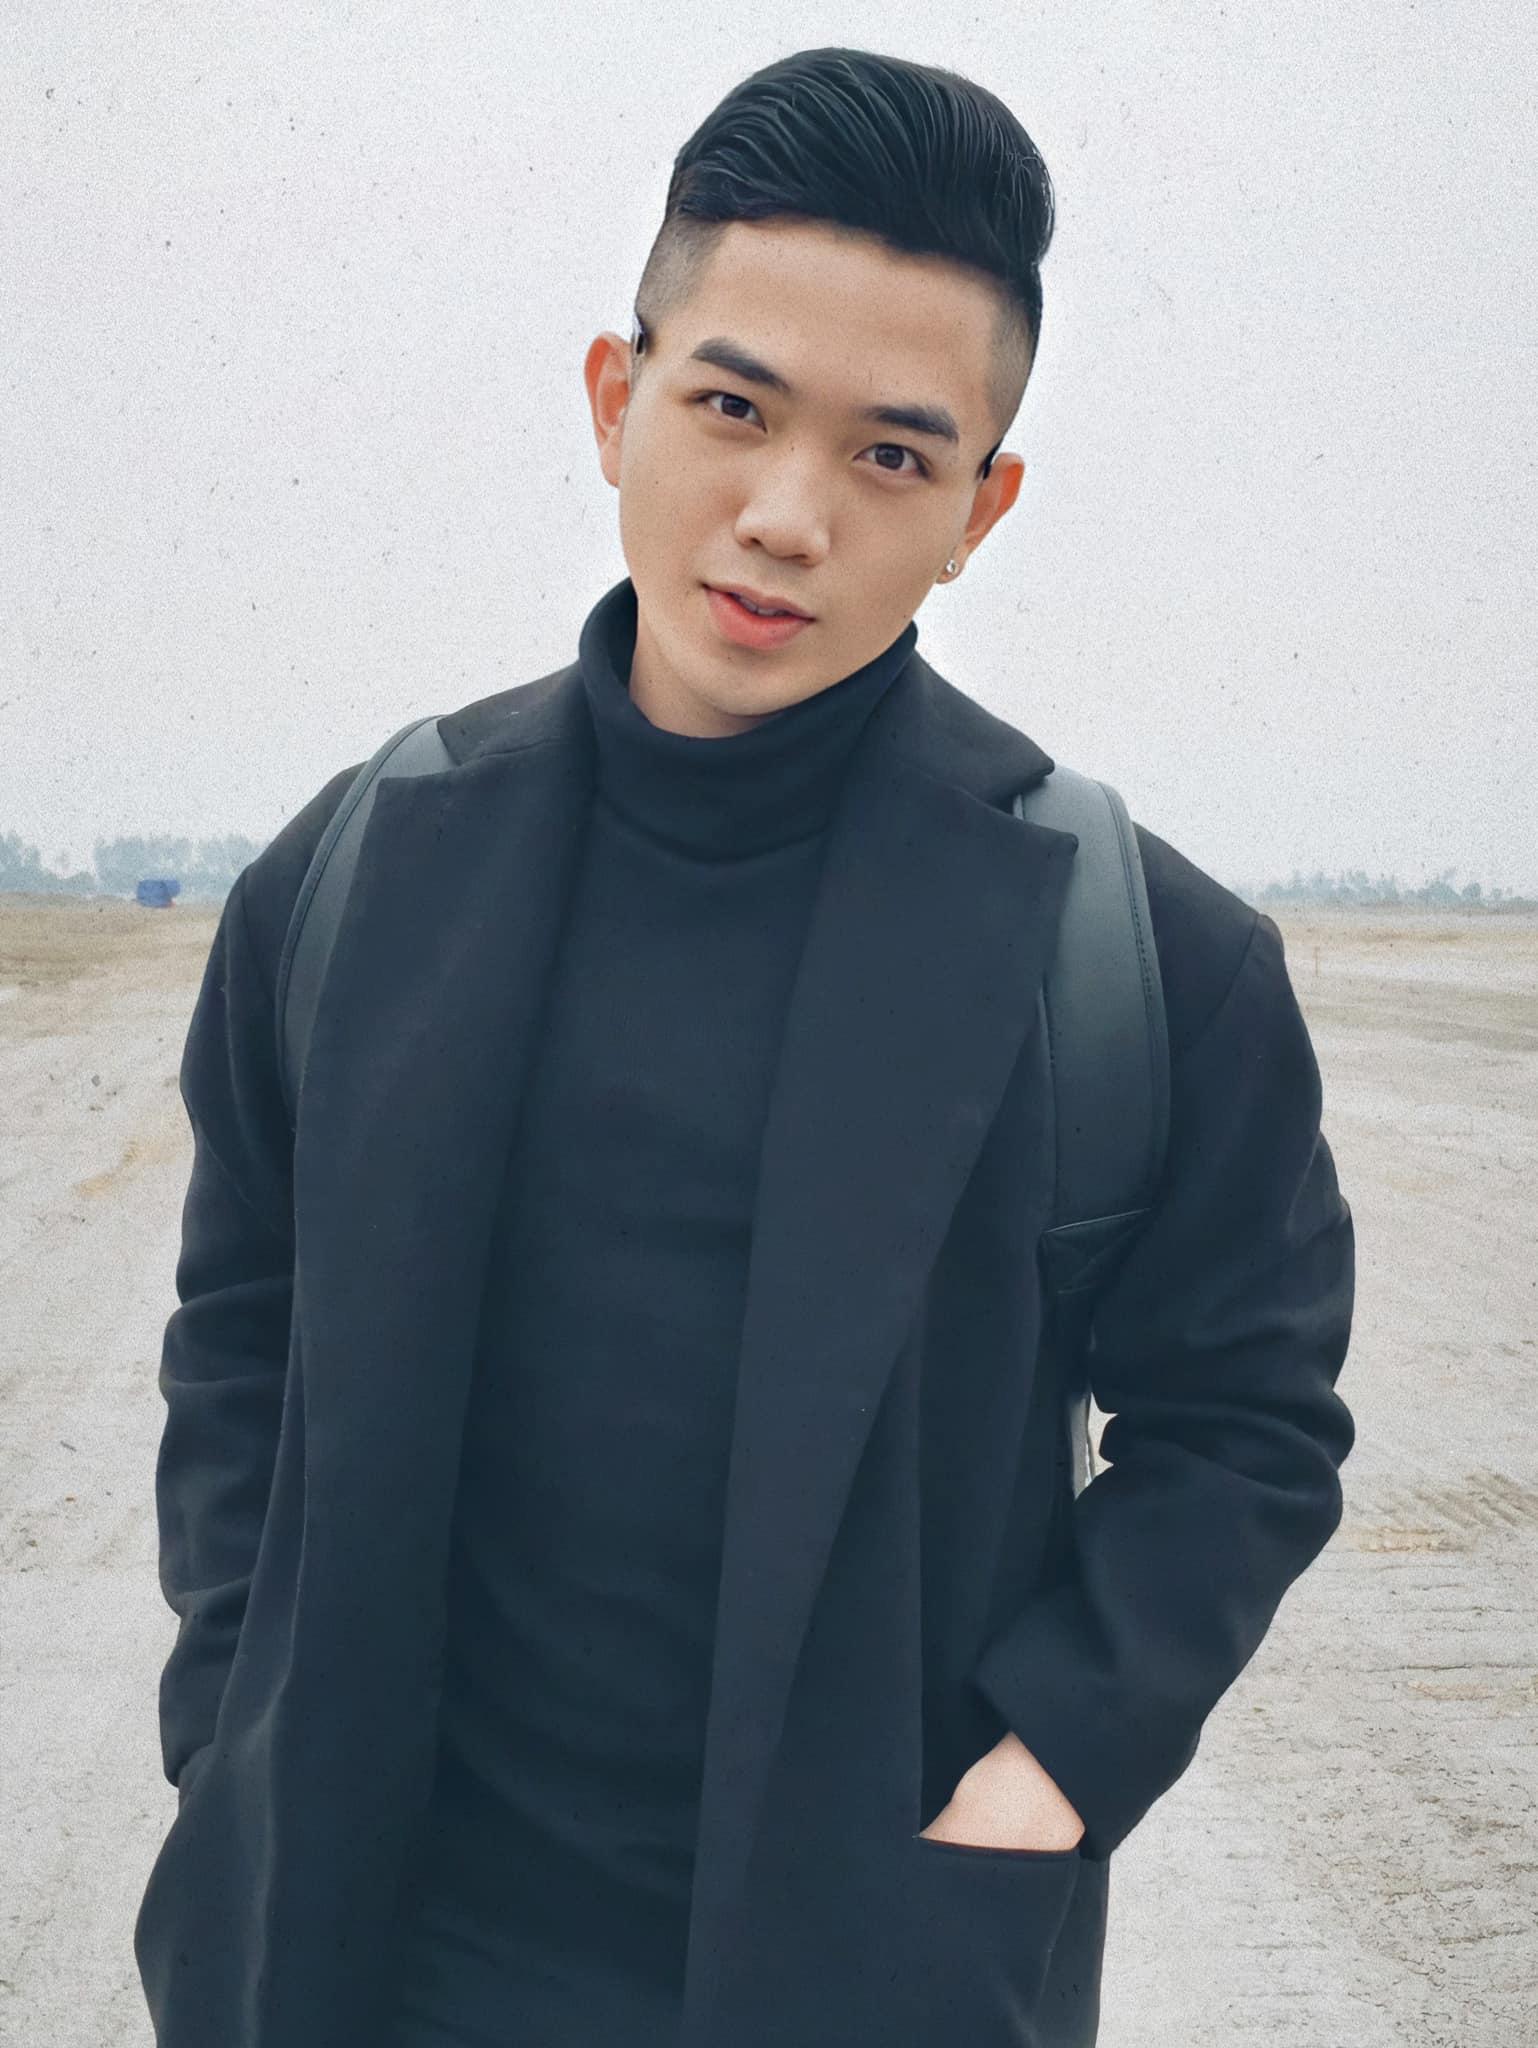 7 nghệ sĩ Việt qua đời đầu năm 2021 khiến khán giả xót xa: NSND Hoàng Dũng, danh ca Lệ Thu... - Ảnh 9.